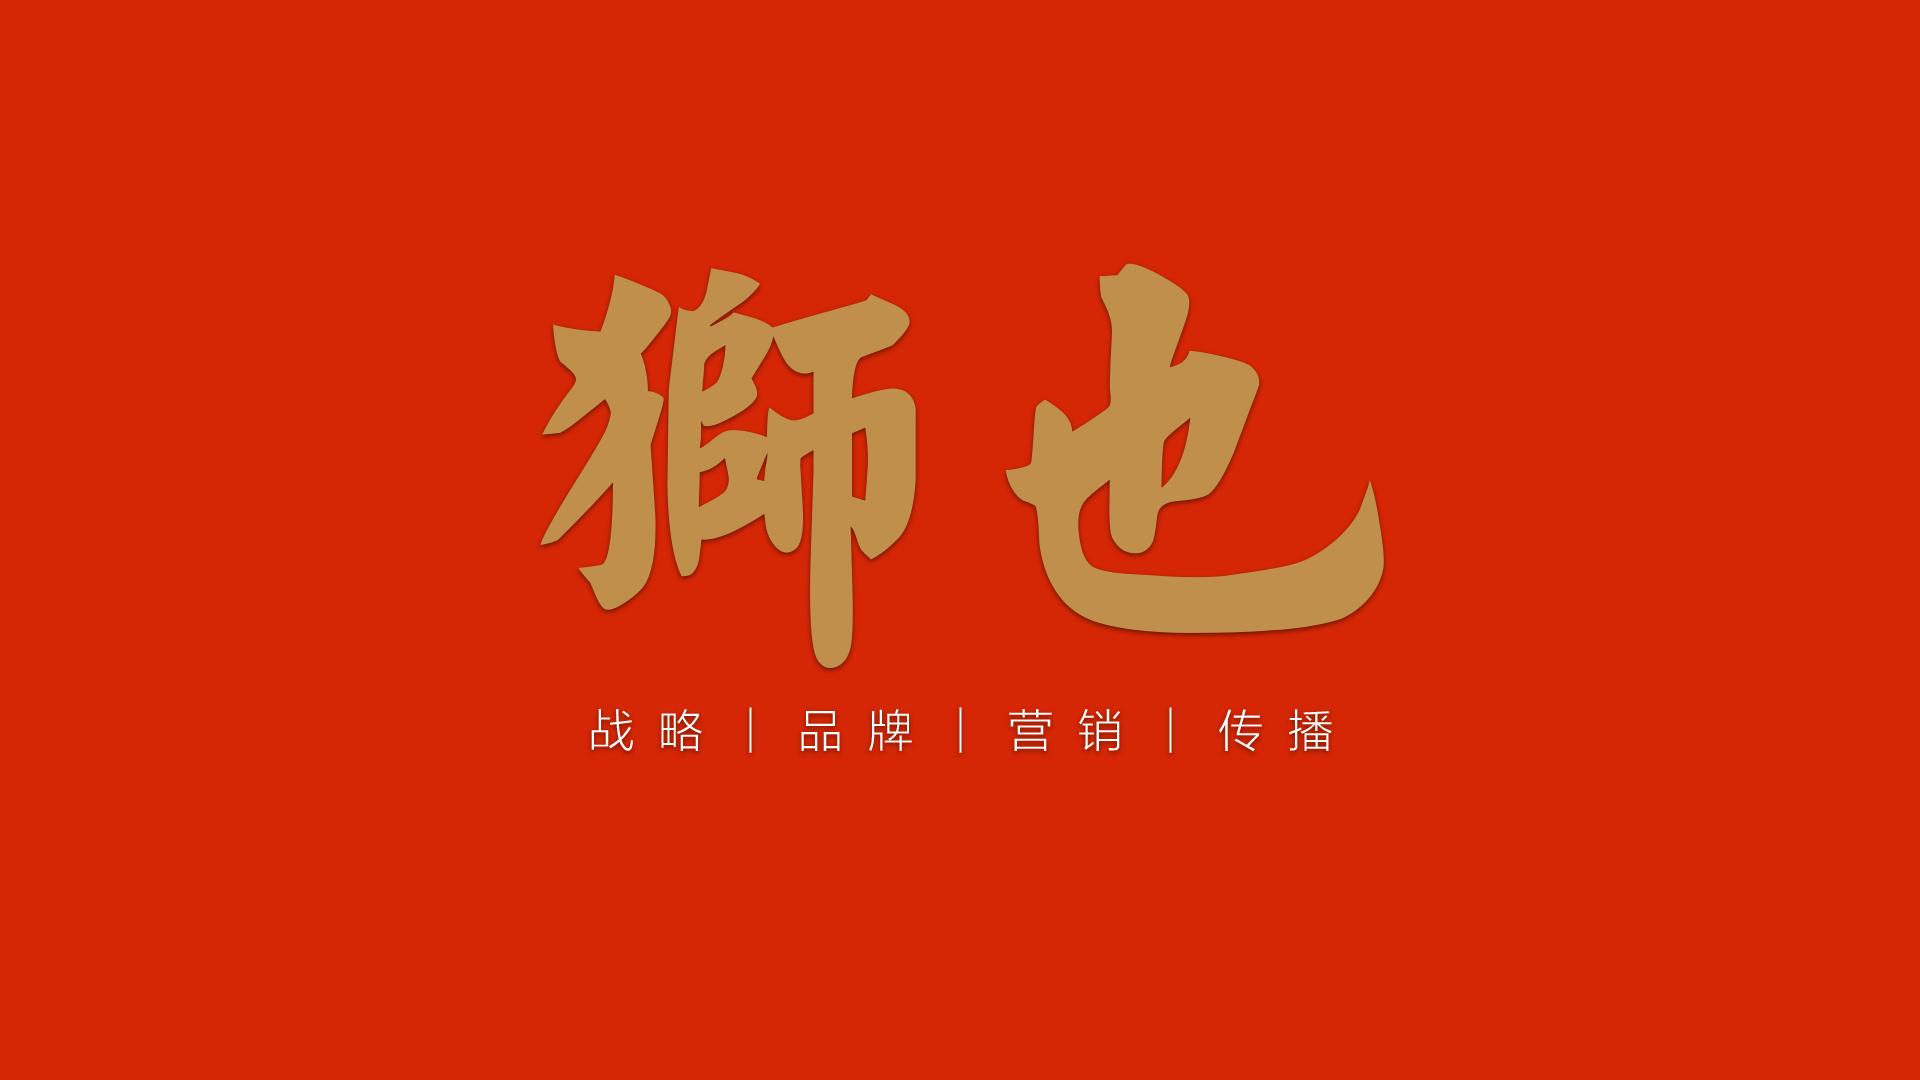 上海营销策划公司— 迈克尔·波特竞争战略理论的主要内容